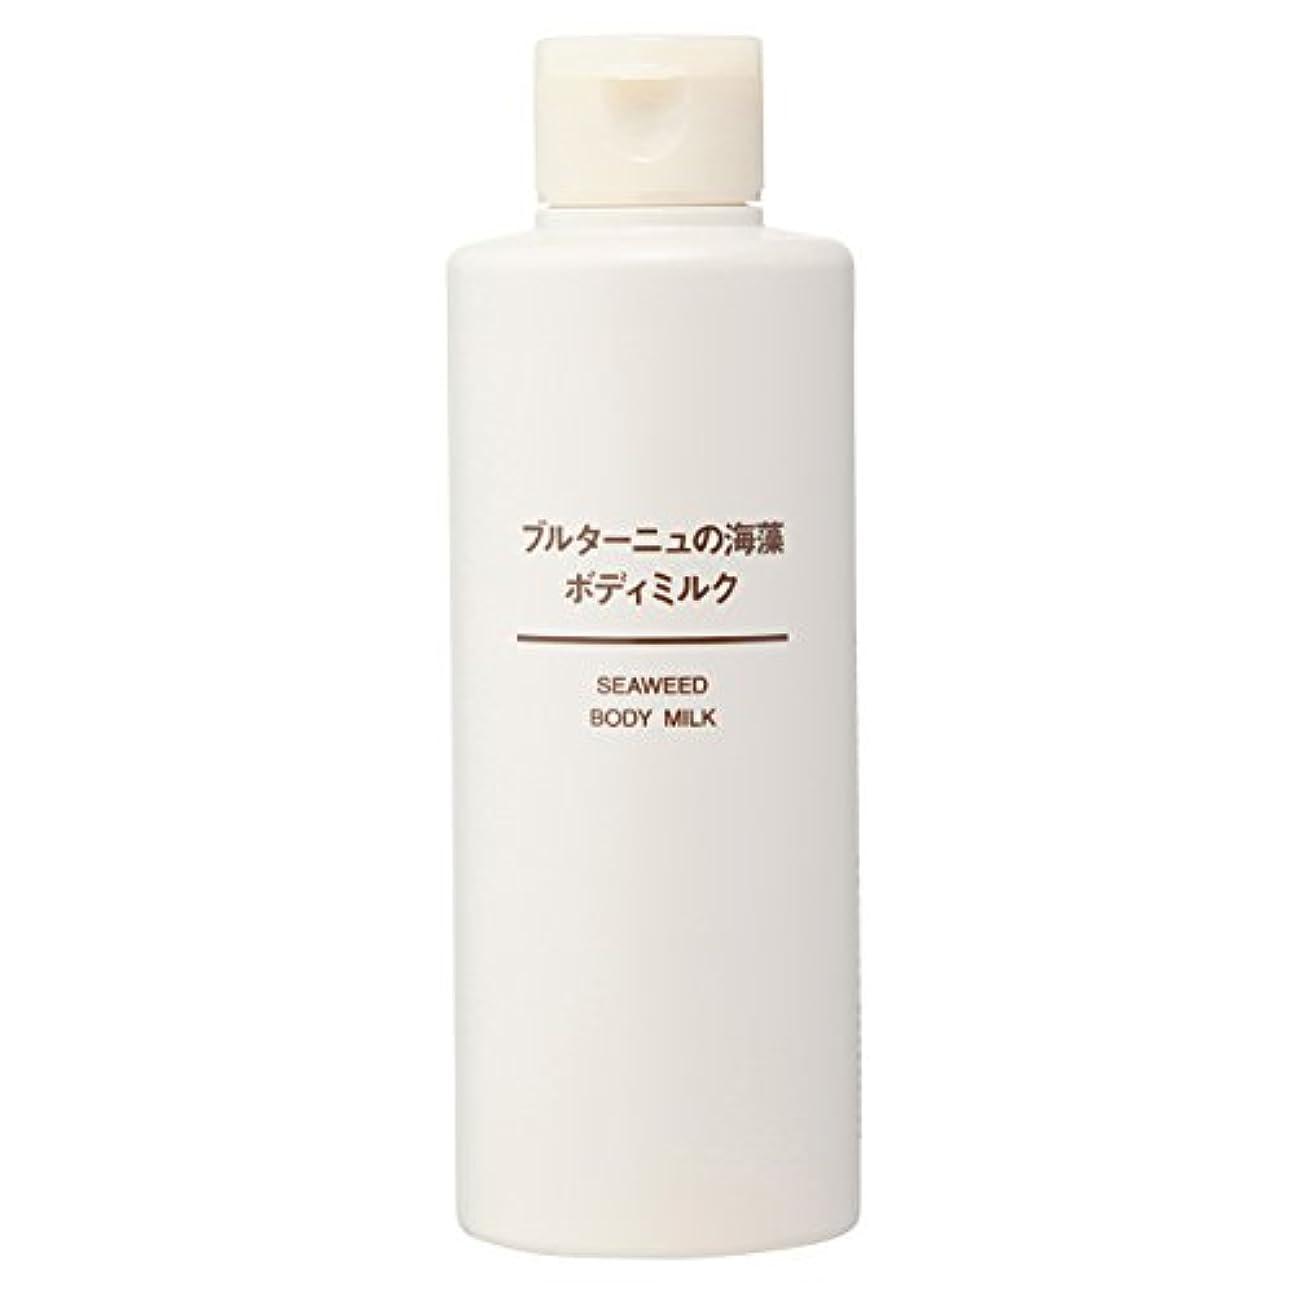 国籍ポジティブ適度に無印良品 ブルターニュの海藻 ボディミルク 200ml 日本製